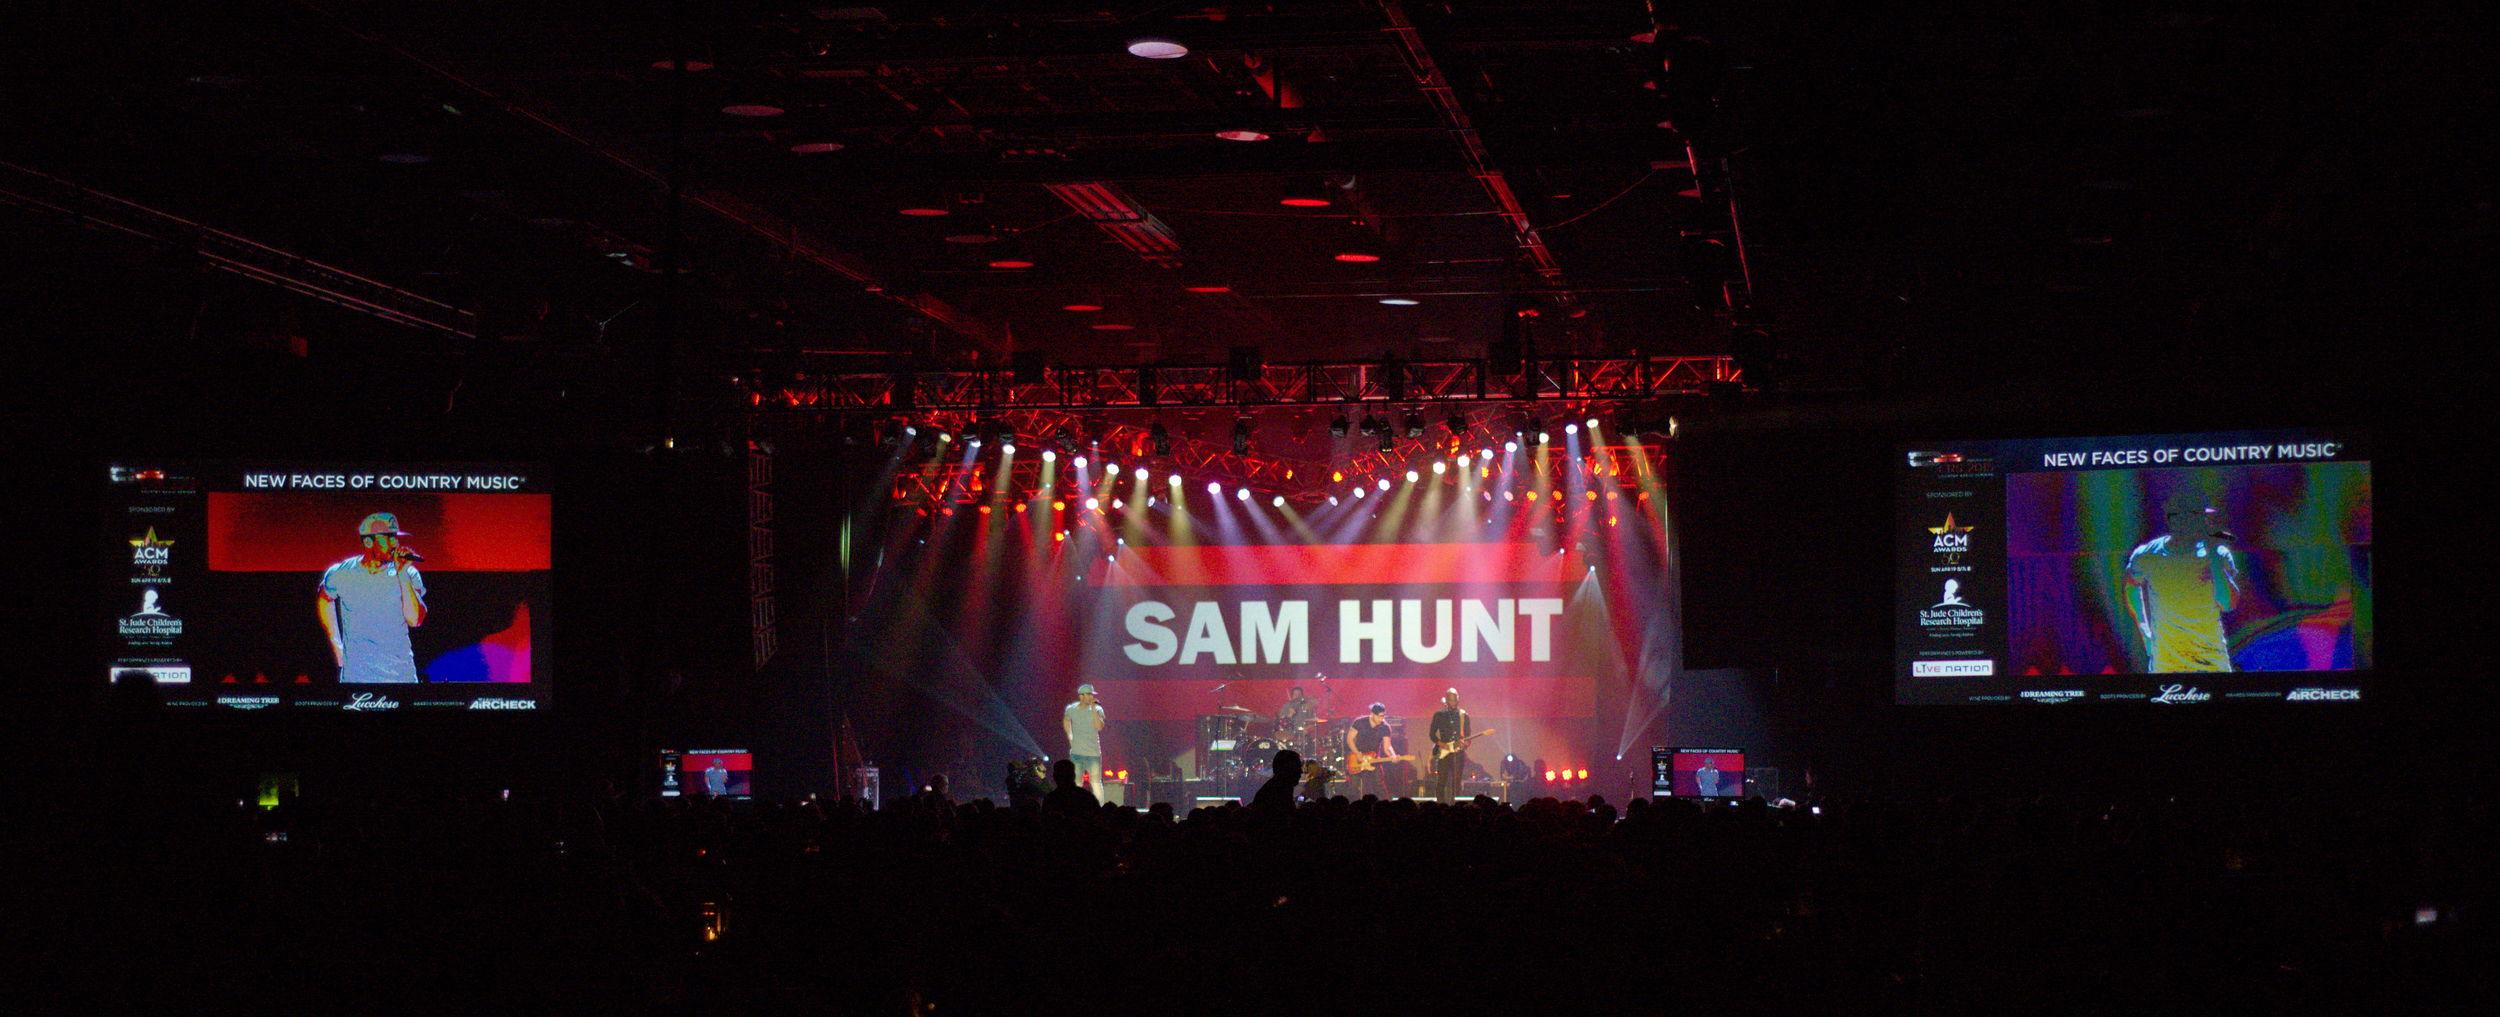 Concert & Event Production